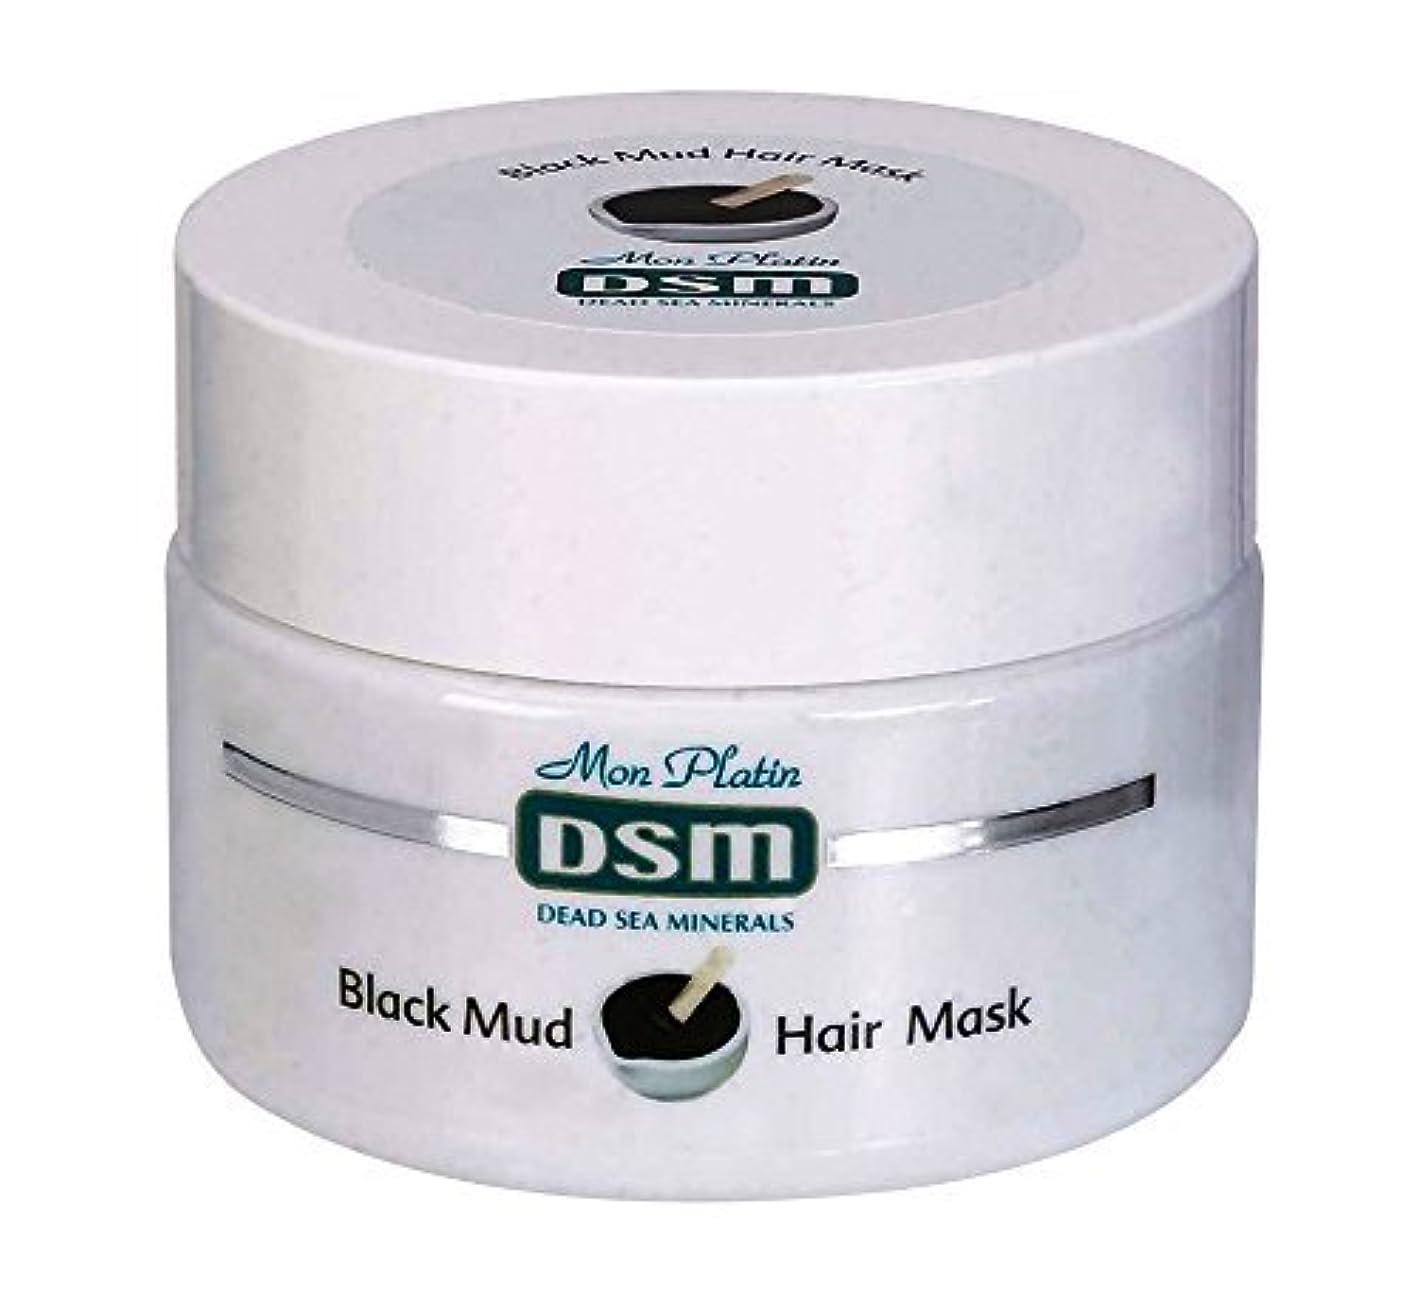 キャベツ手伝う抵抗頭皮と髪のための髪の泥マスク 250mL 死海ミネラル 天然 お手入れ 美容 イスラエル 全皮膚タイプ ビタミン (Mud Hair Mask  for Scalp & Hair)